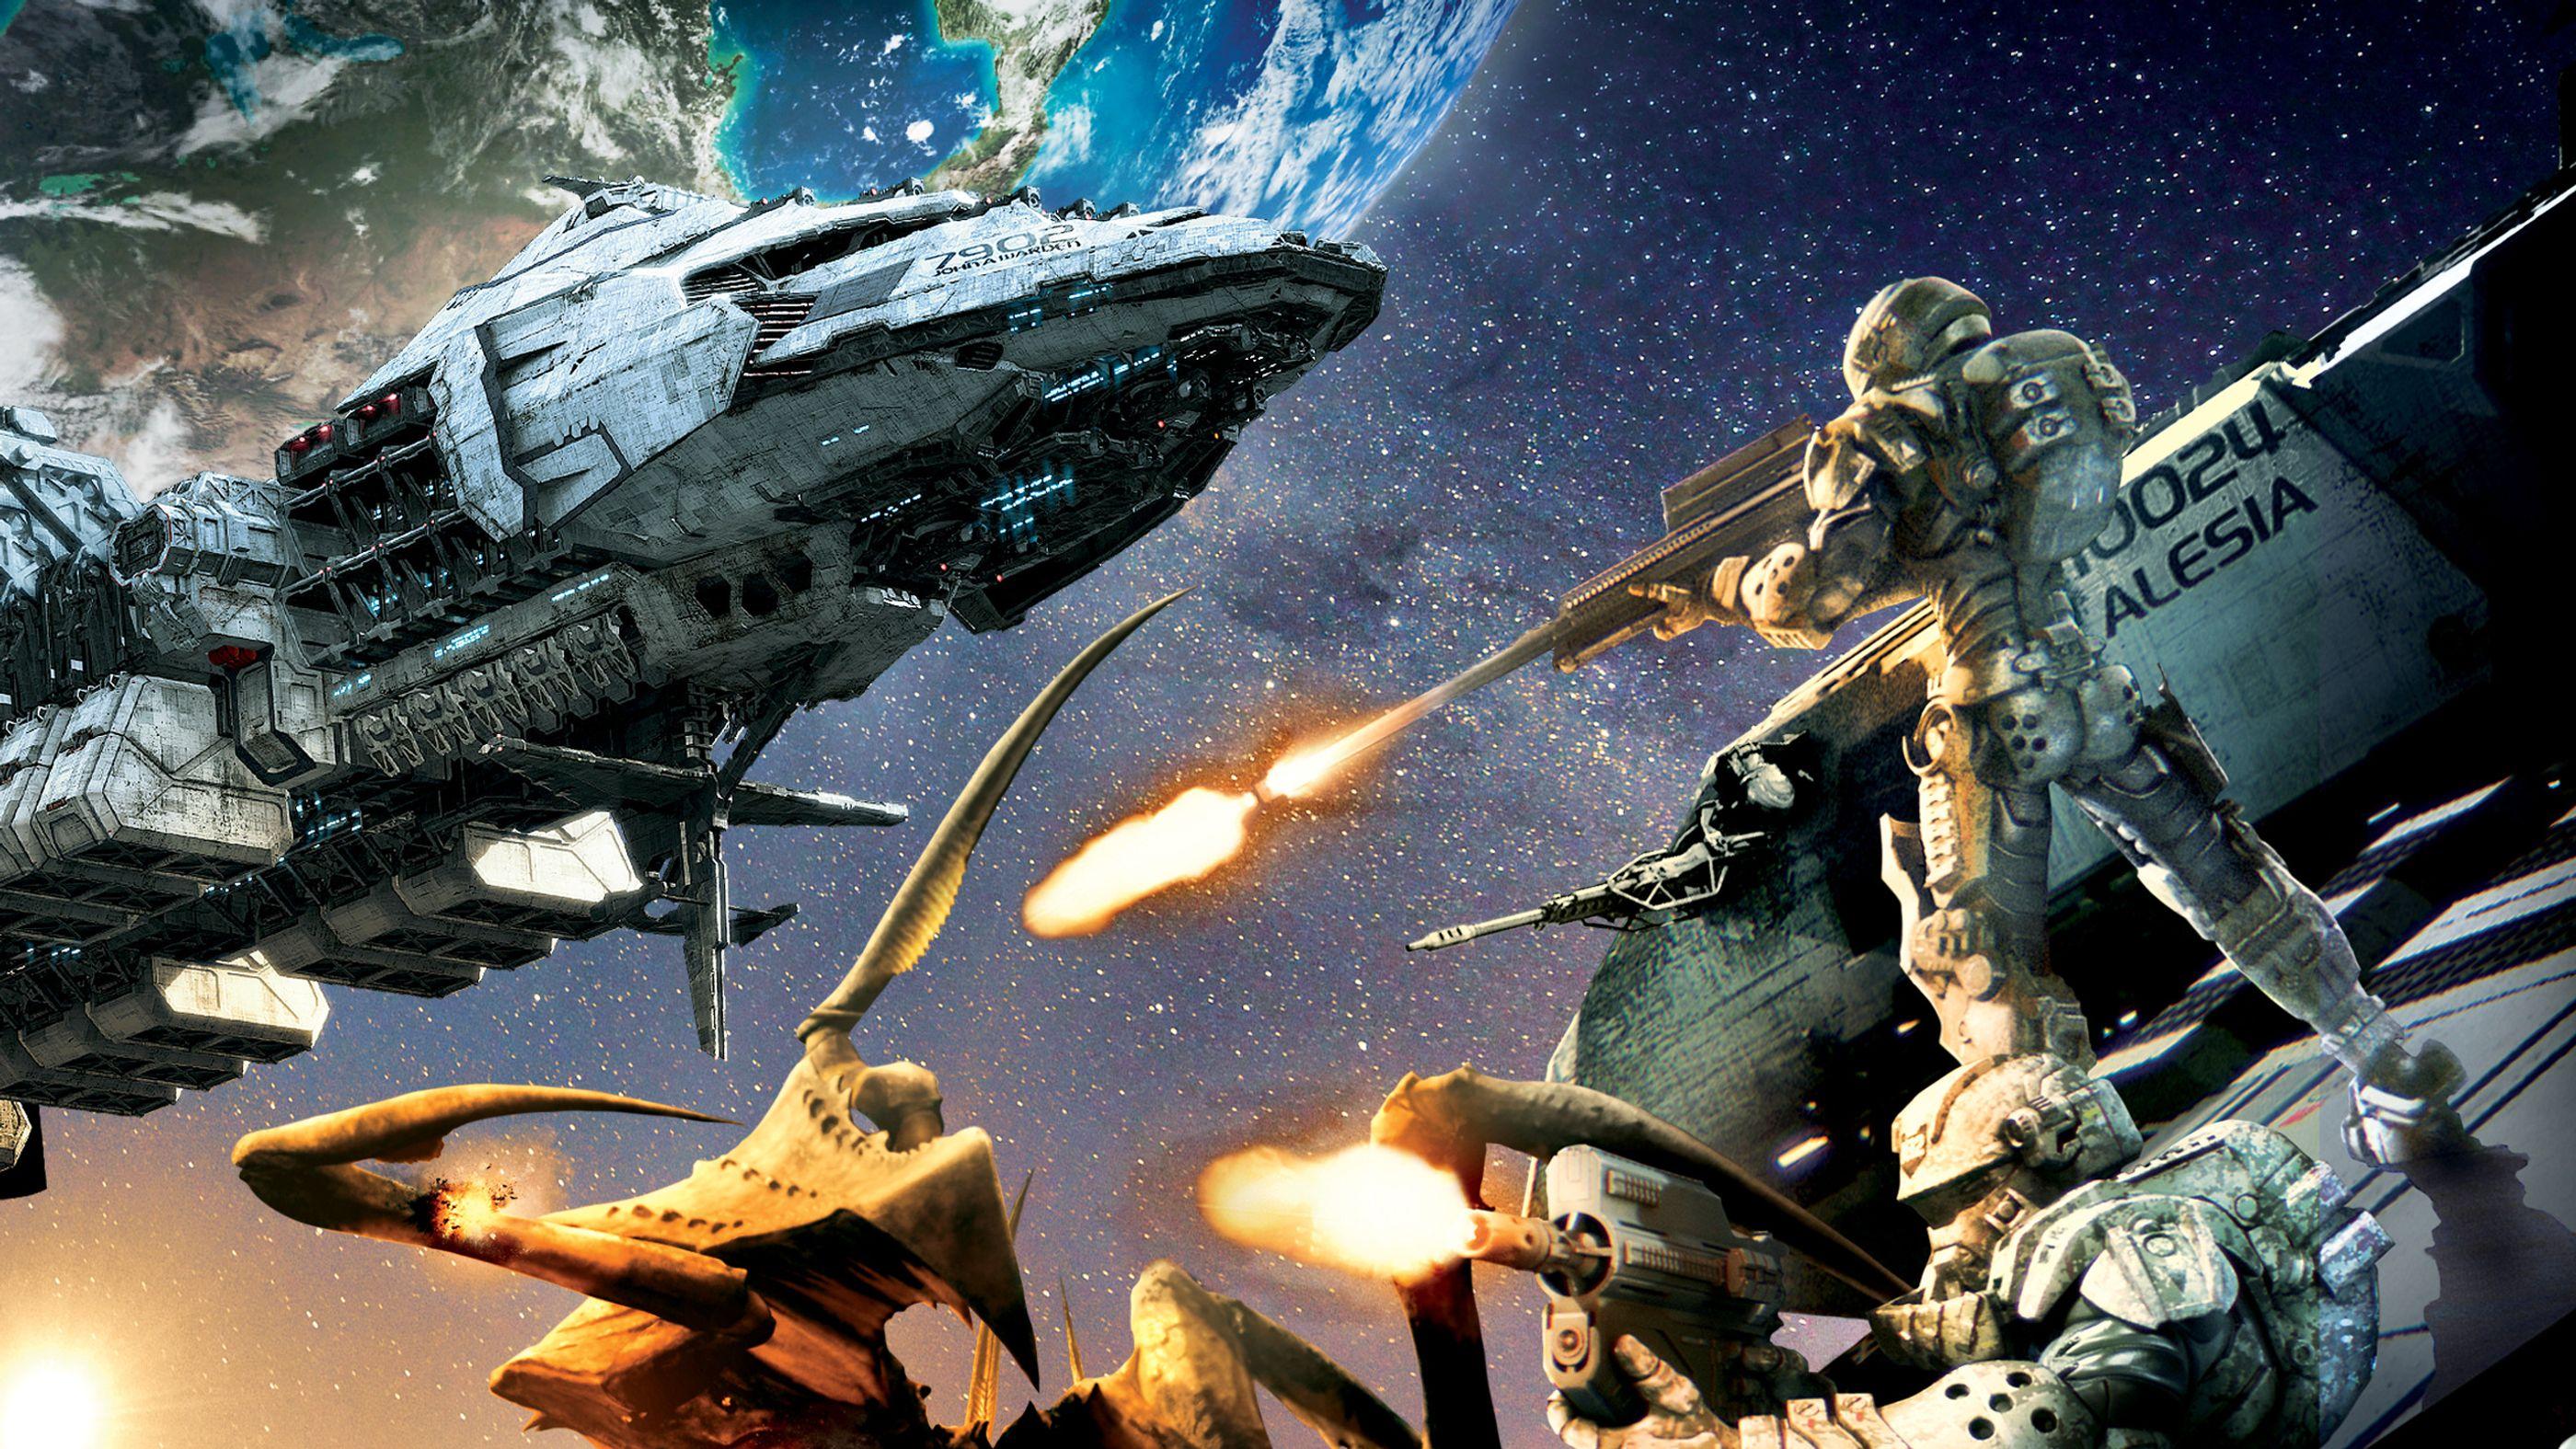 Starship Film